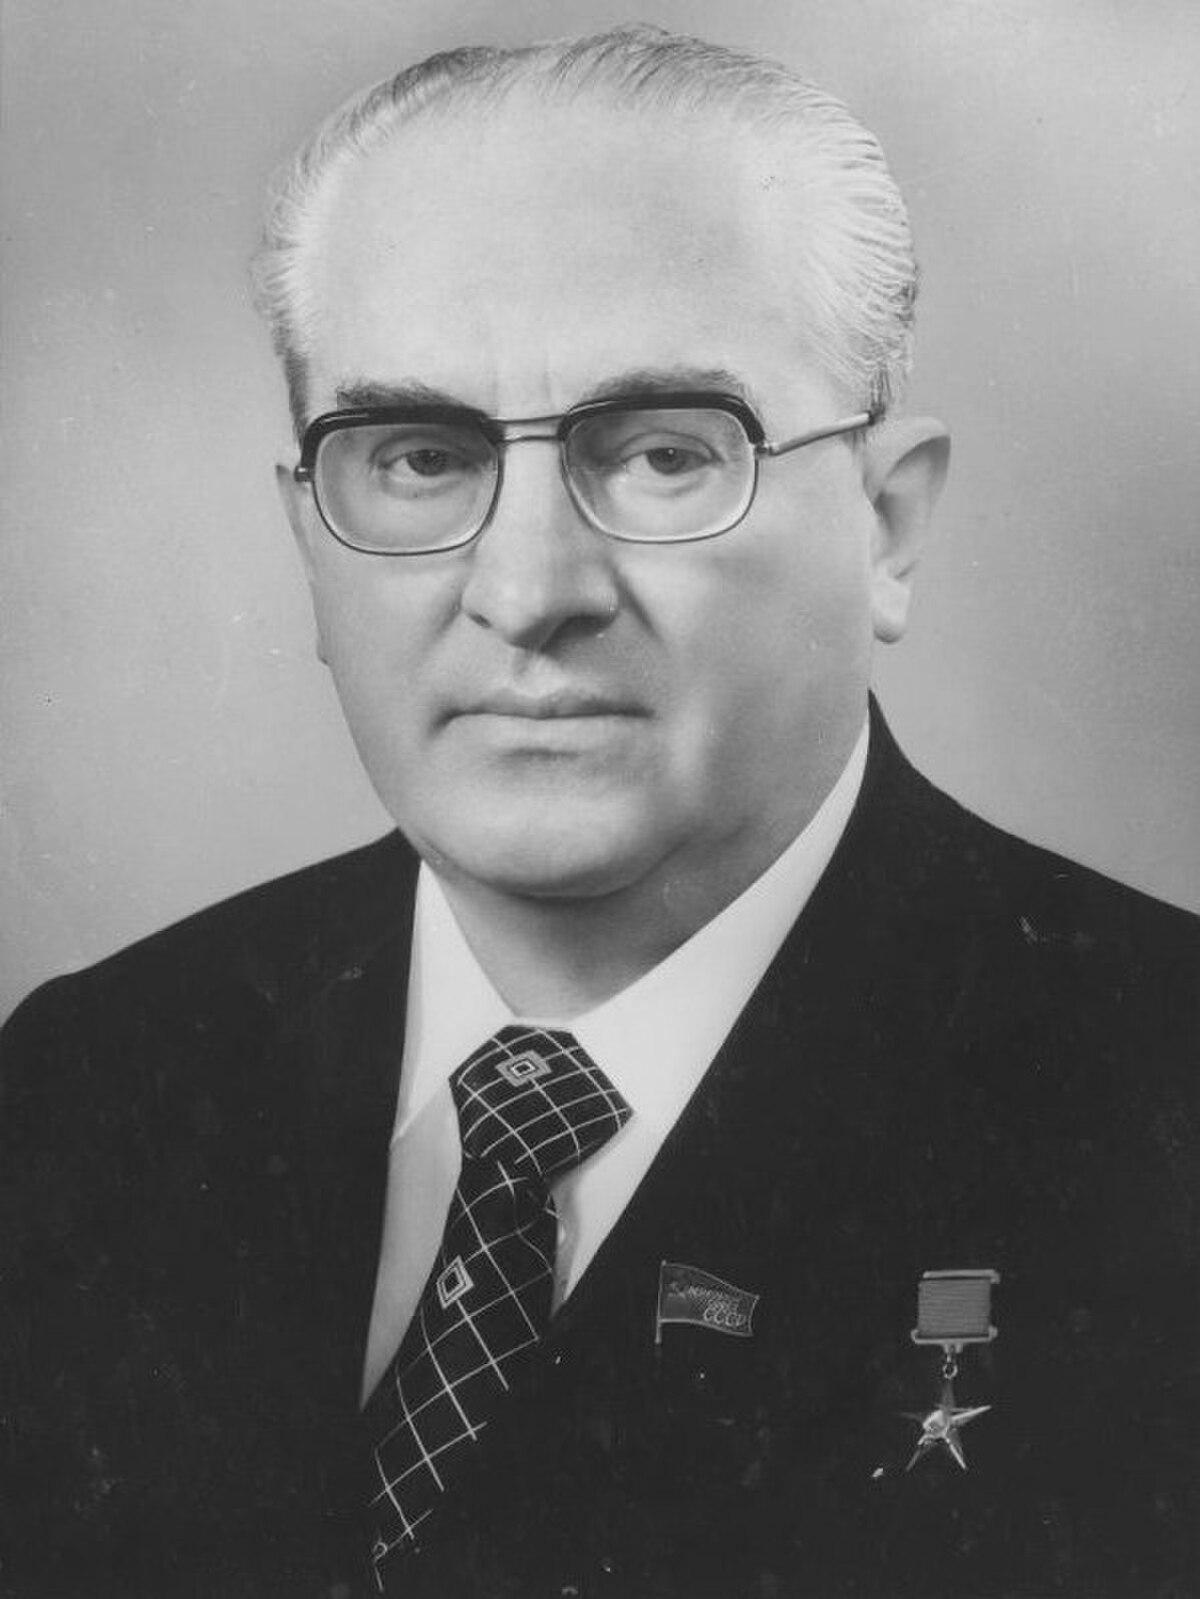 brejnev-aliyev- baku 1982 ile ilgili görsel sonucu